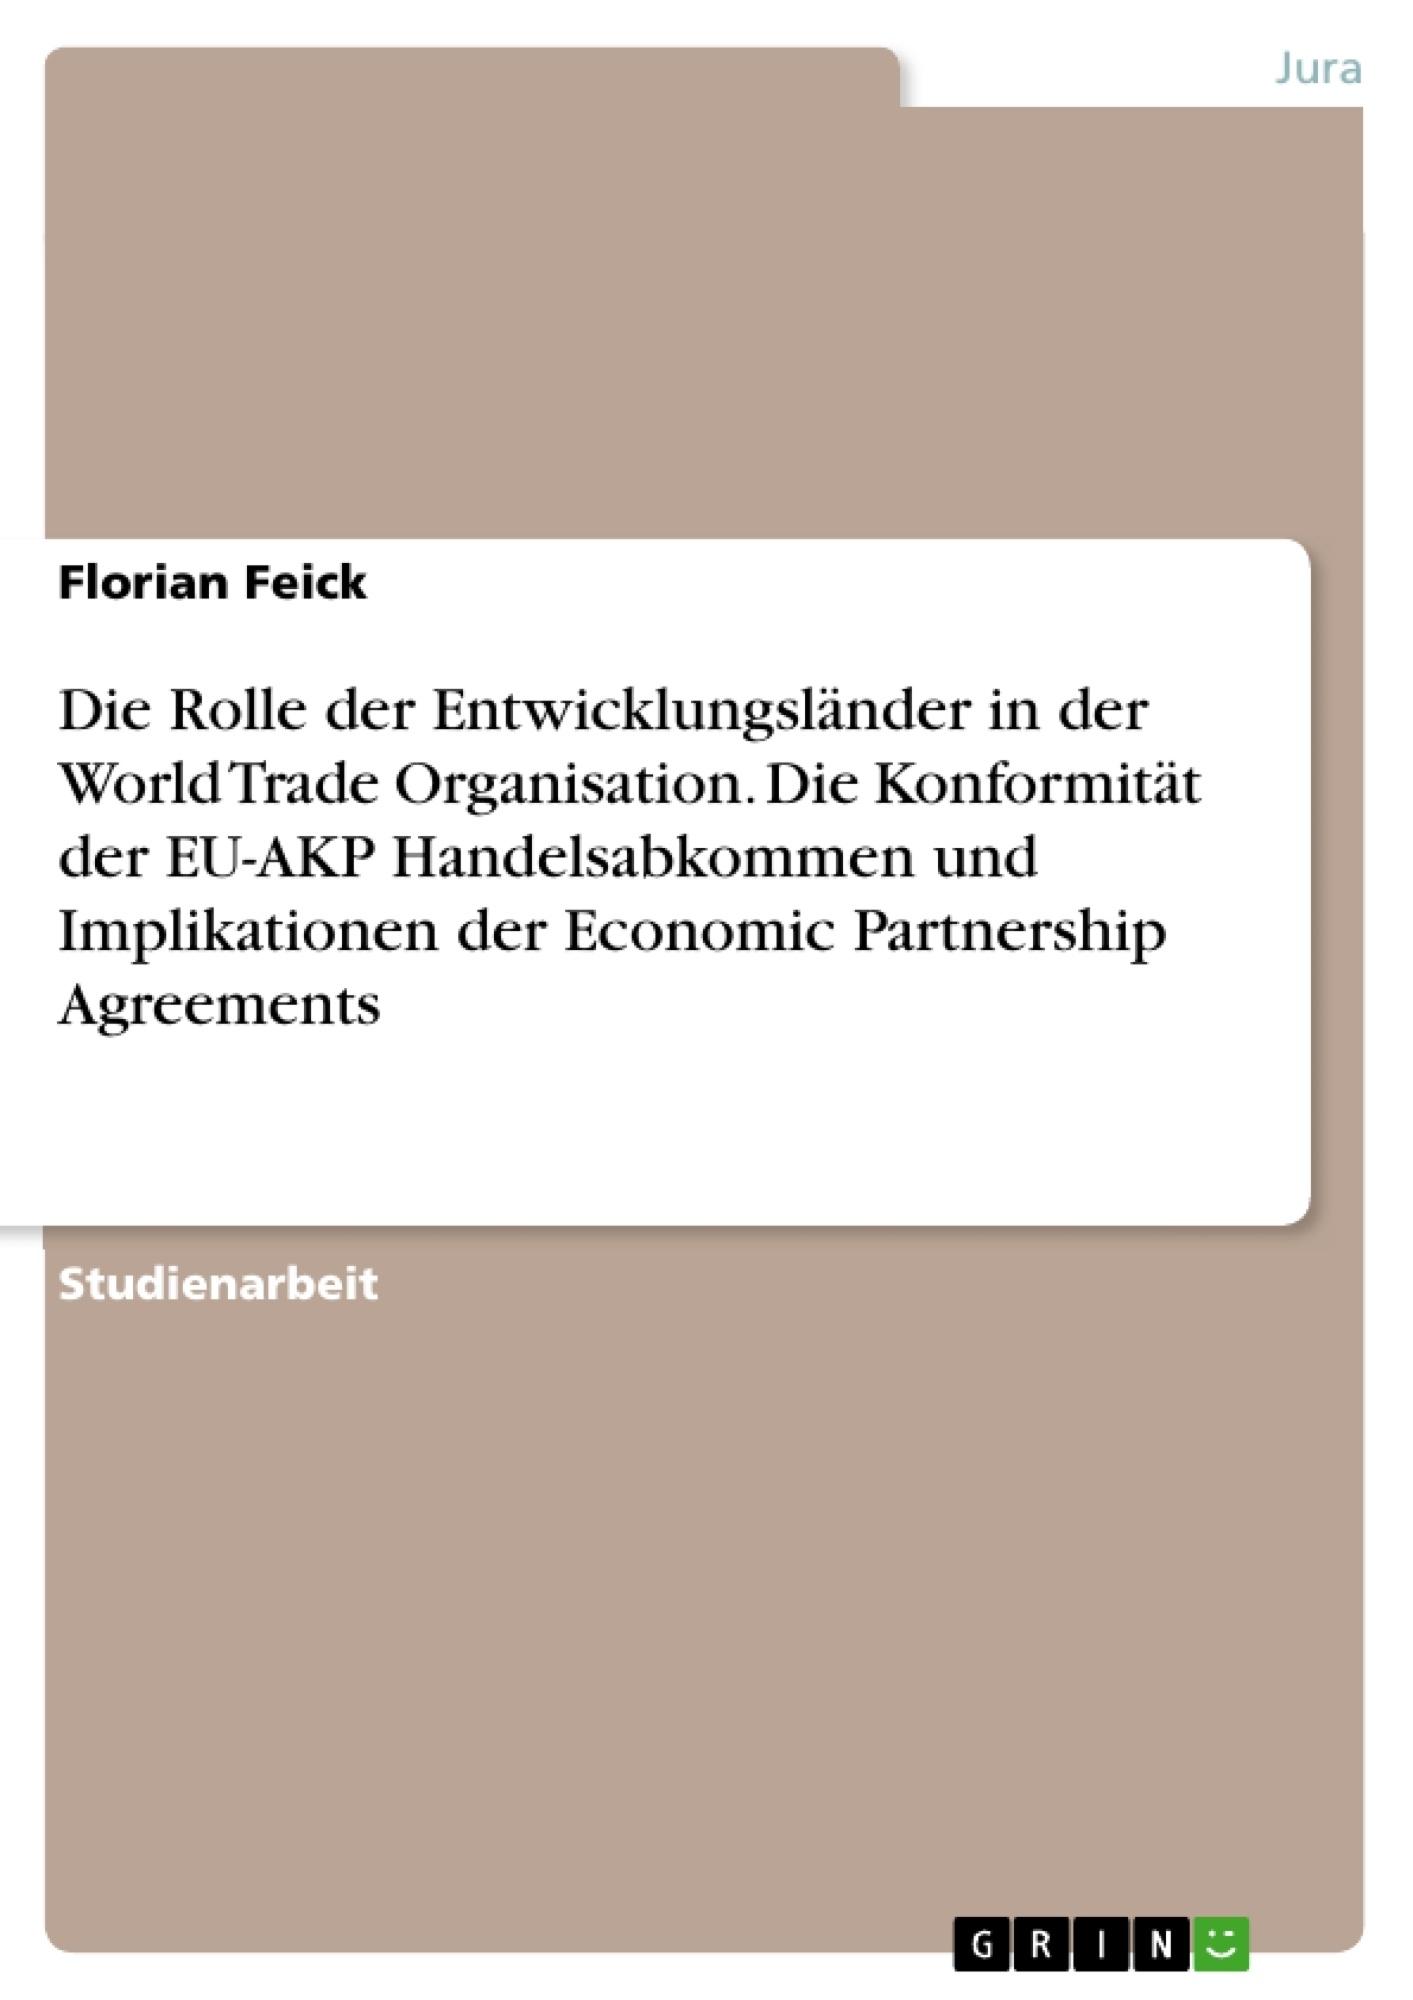 Titel: Die Rolle der Entwicklungsländer in der World Trade Organisation. Die Konformität der EU-AKP Handelsabkommen und Implikationen der Economic Partnership Agreements